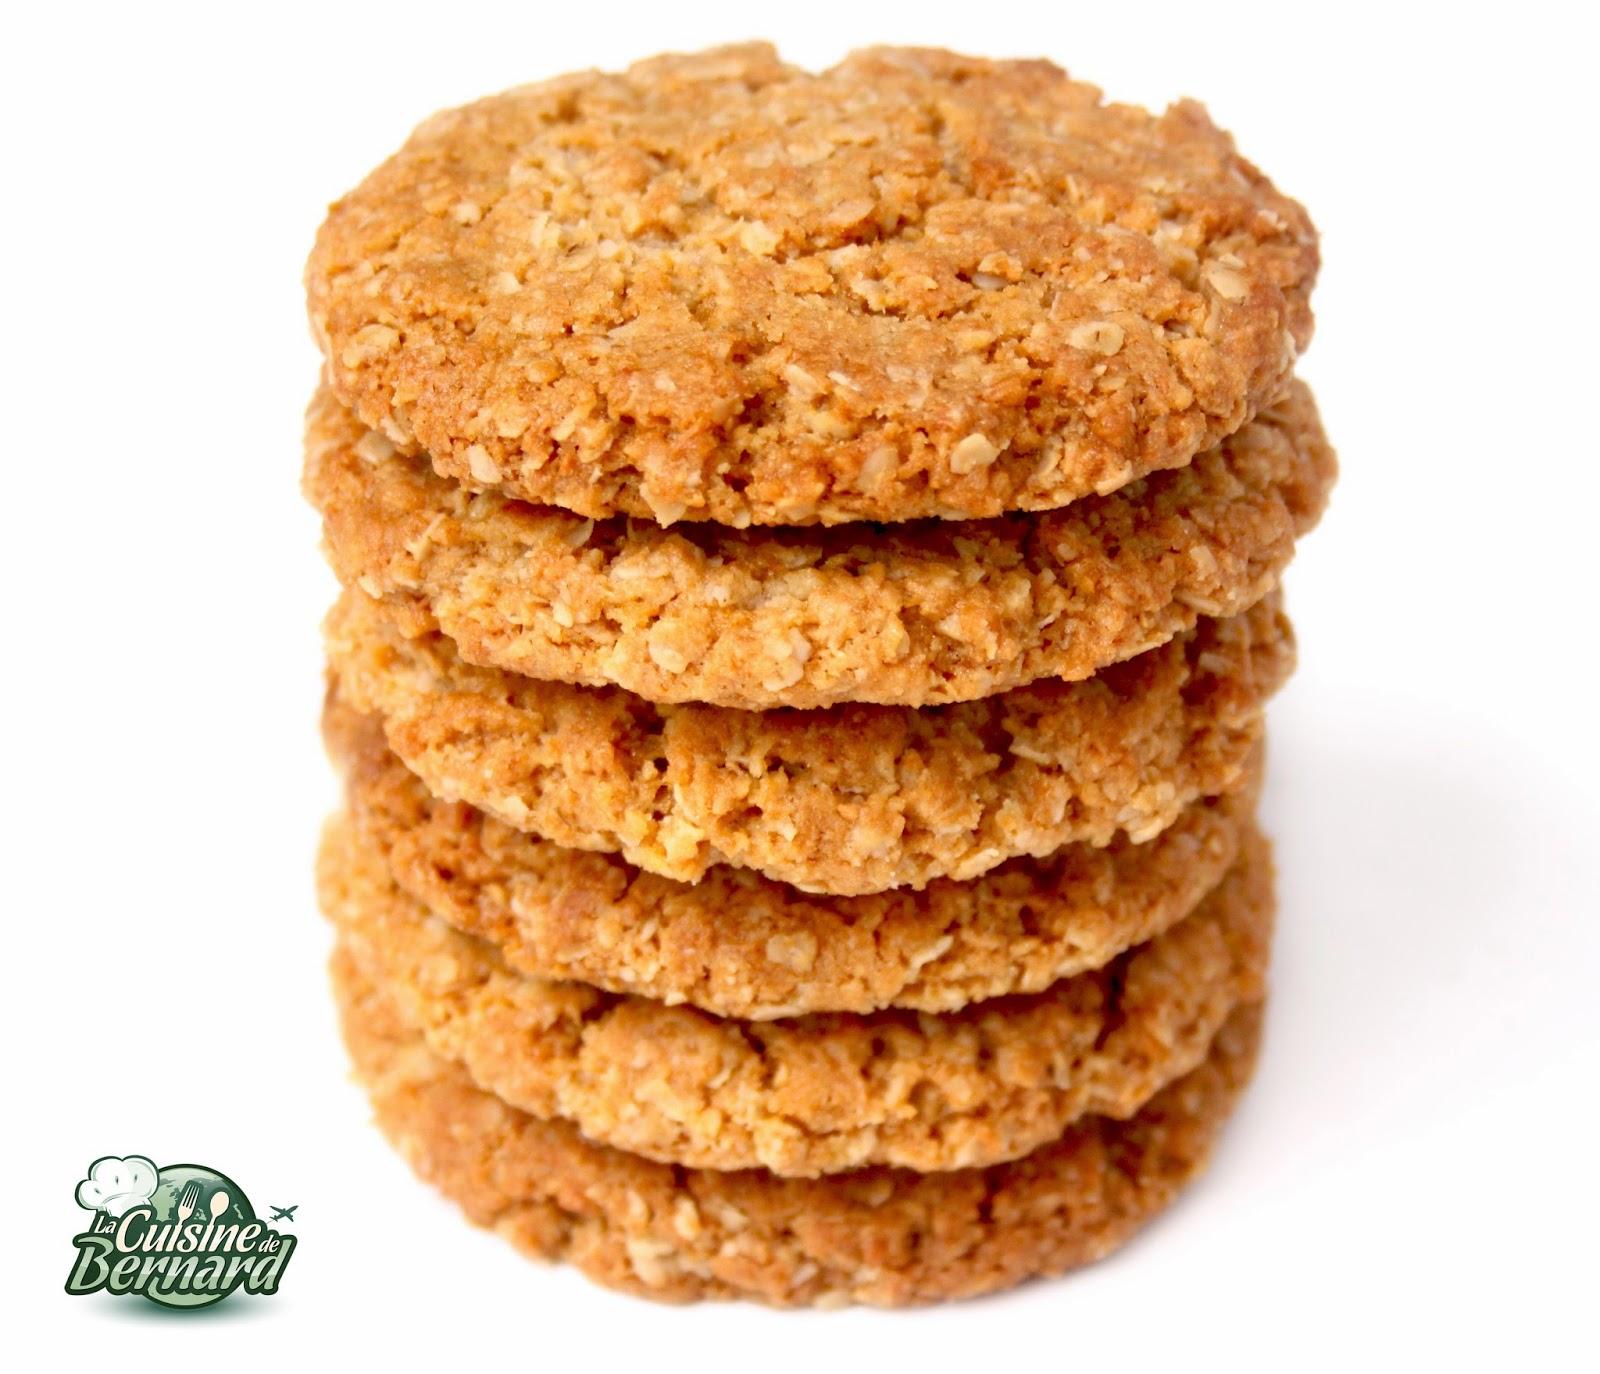 Les cocochocolove cookies for Cuisine de bernard